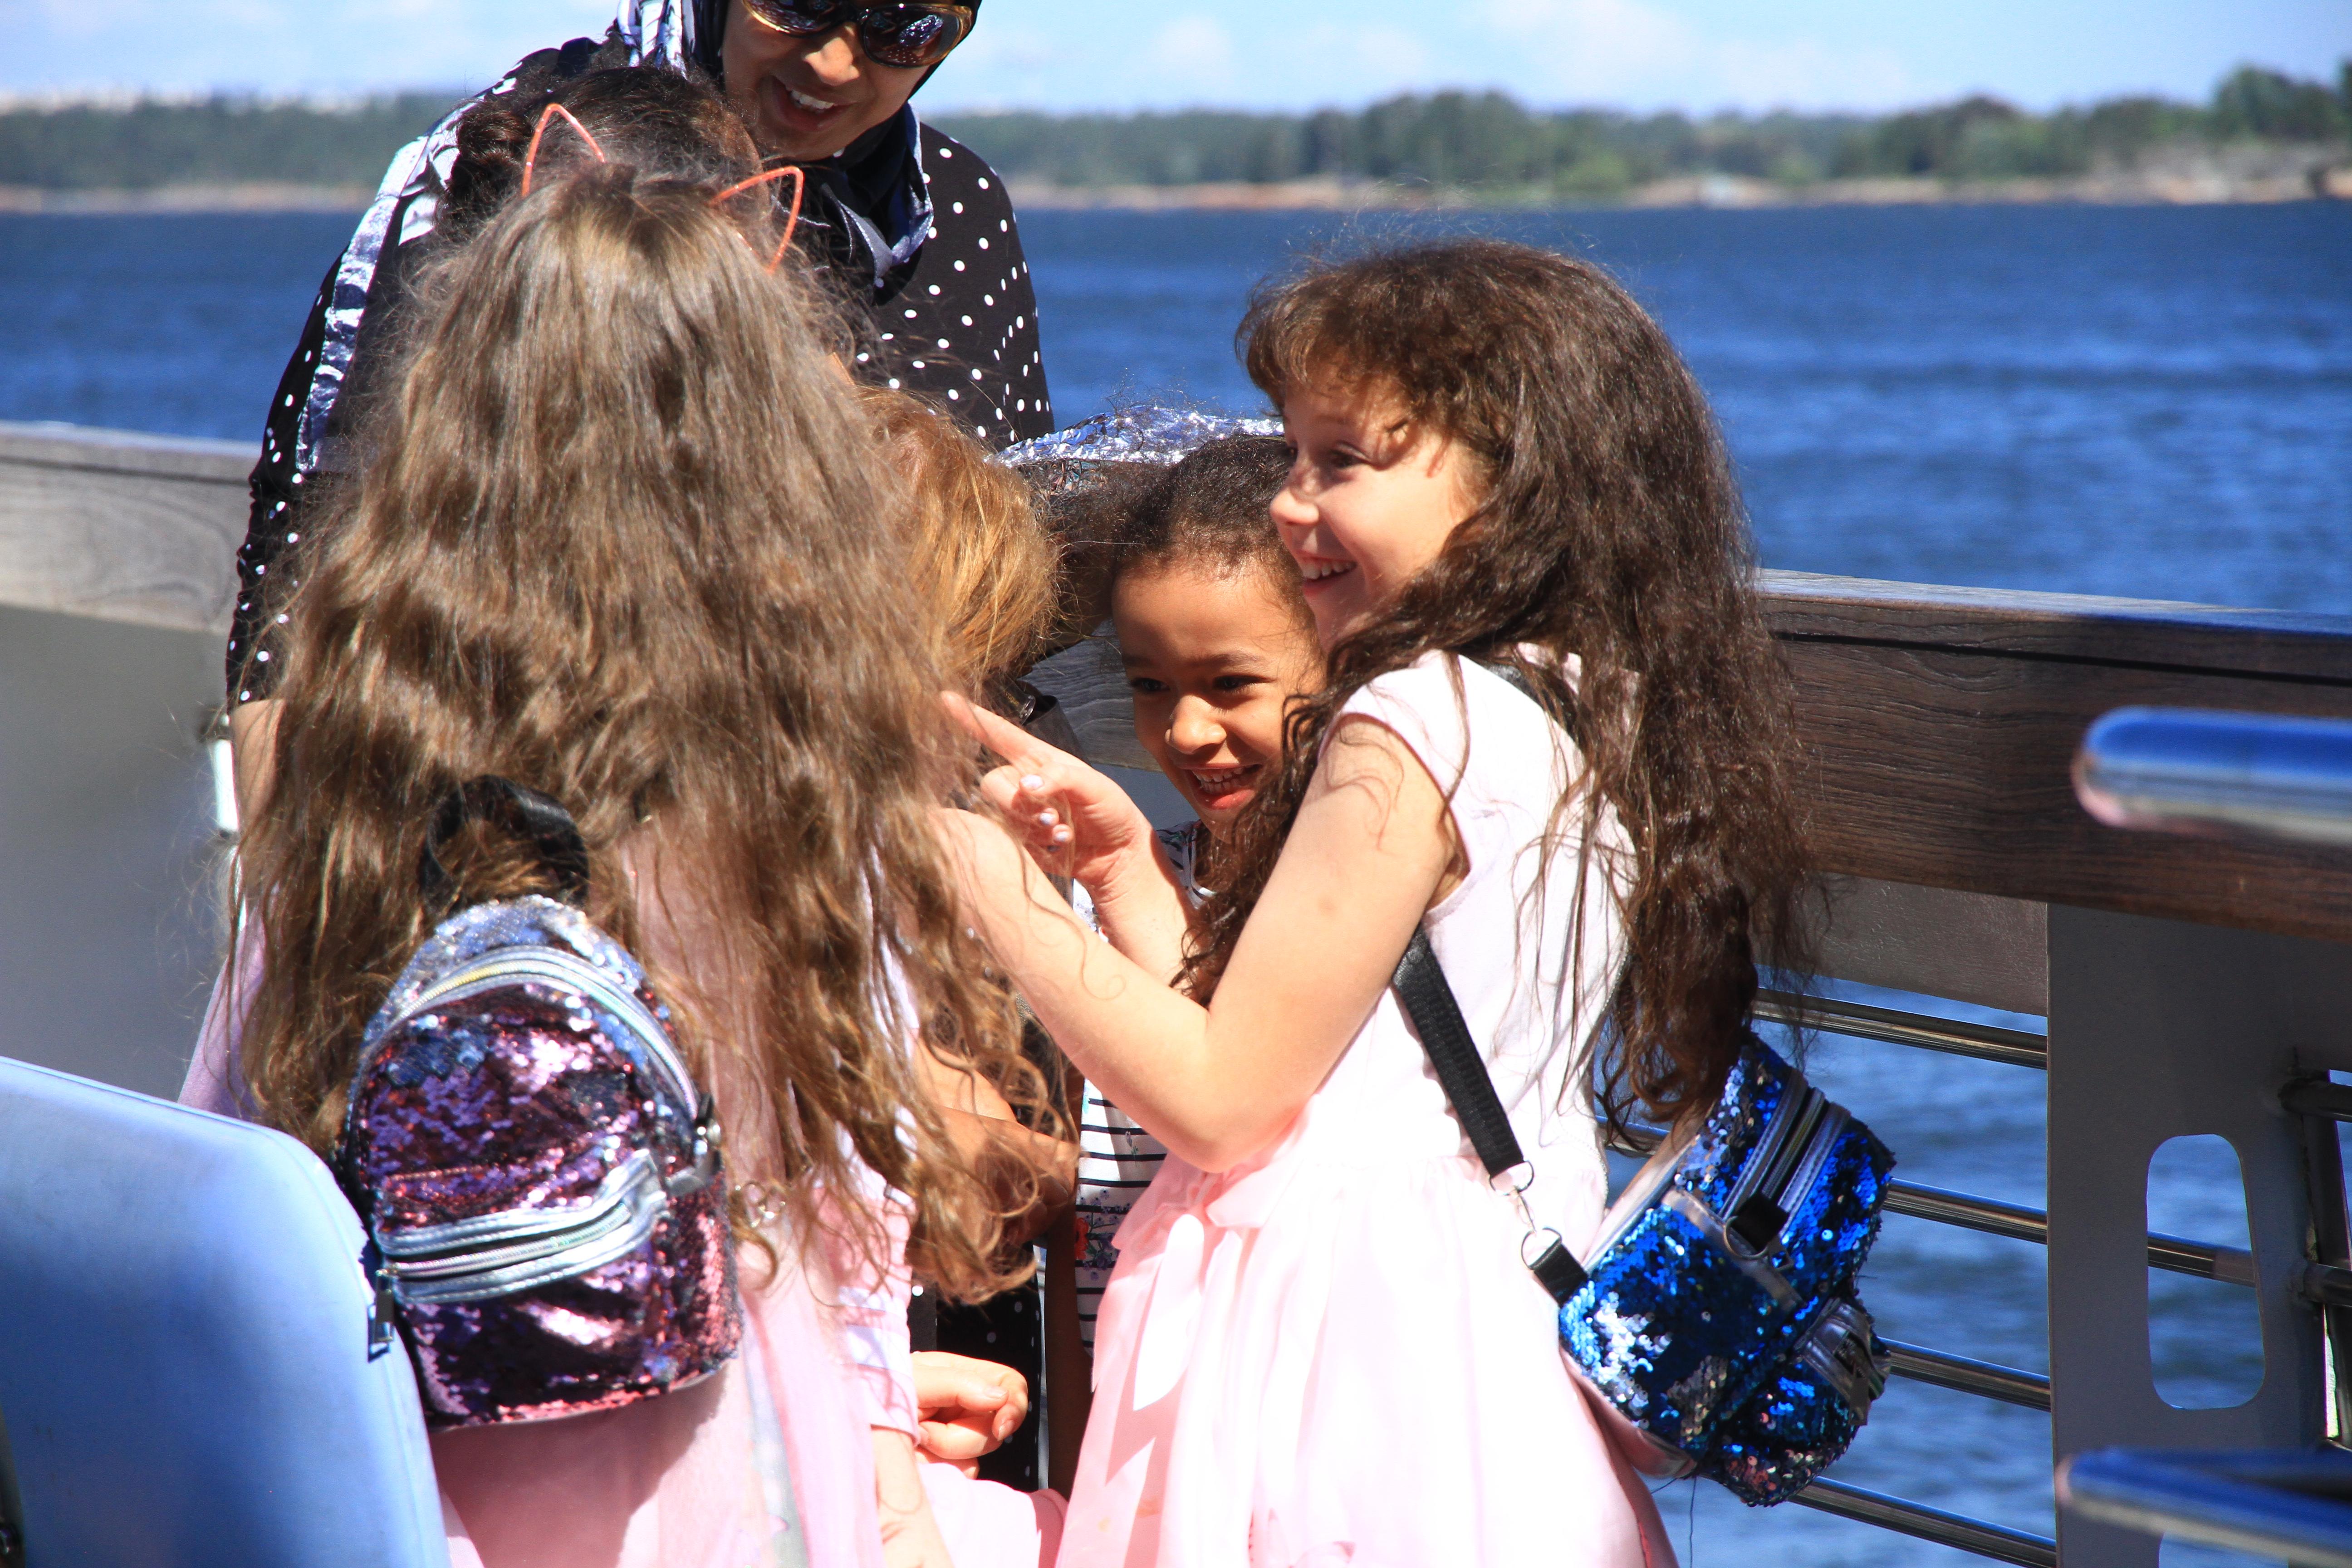 71、芬兰赫尔辛基:开往芬兰堡游船上说笑的小姑娘们